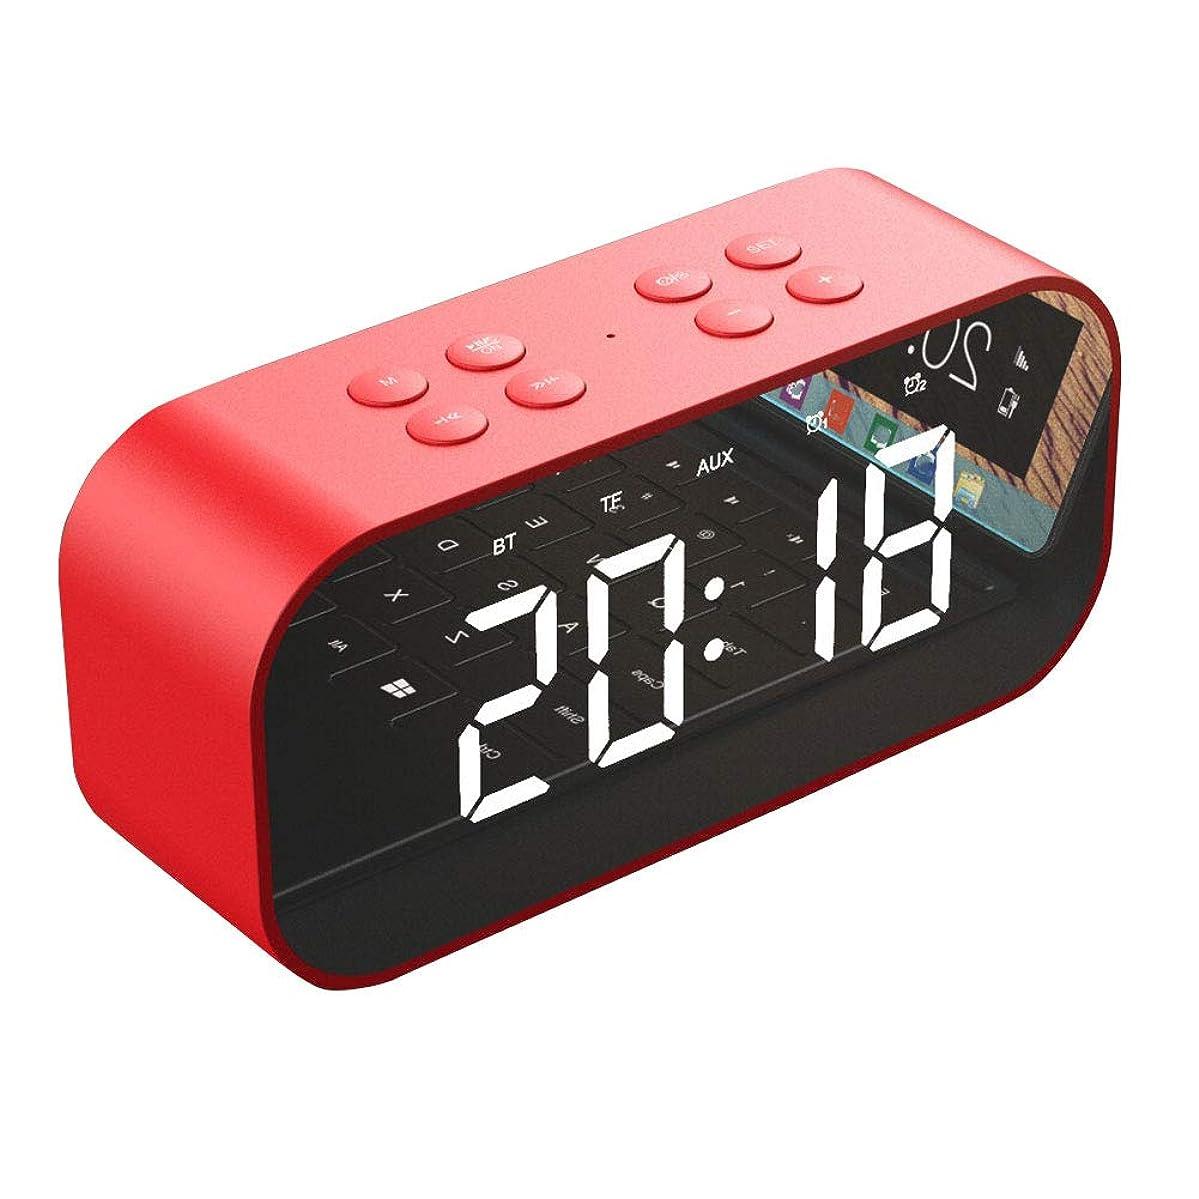 壮大ちっちゃい転用ミラースクリーンのLED表示二重目覚し時計の拡声器が付いているブルートゥース5.0のスピーカーの低音のポータブル